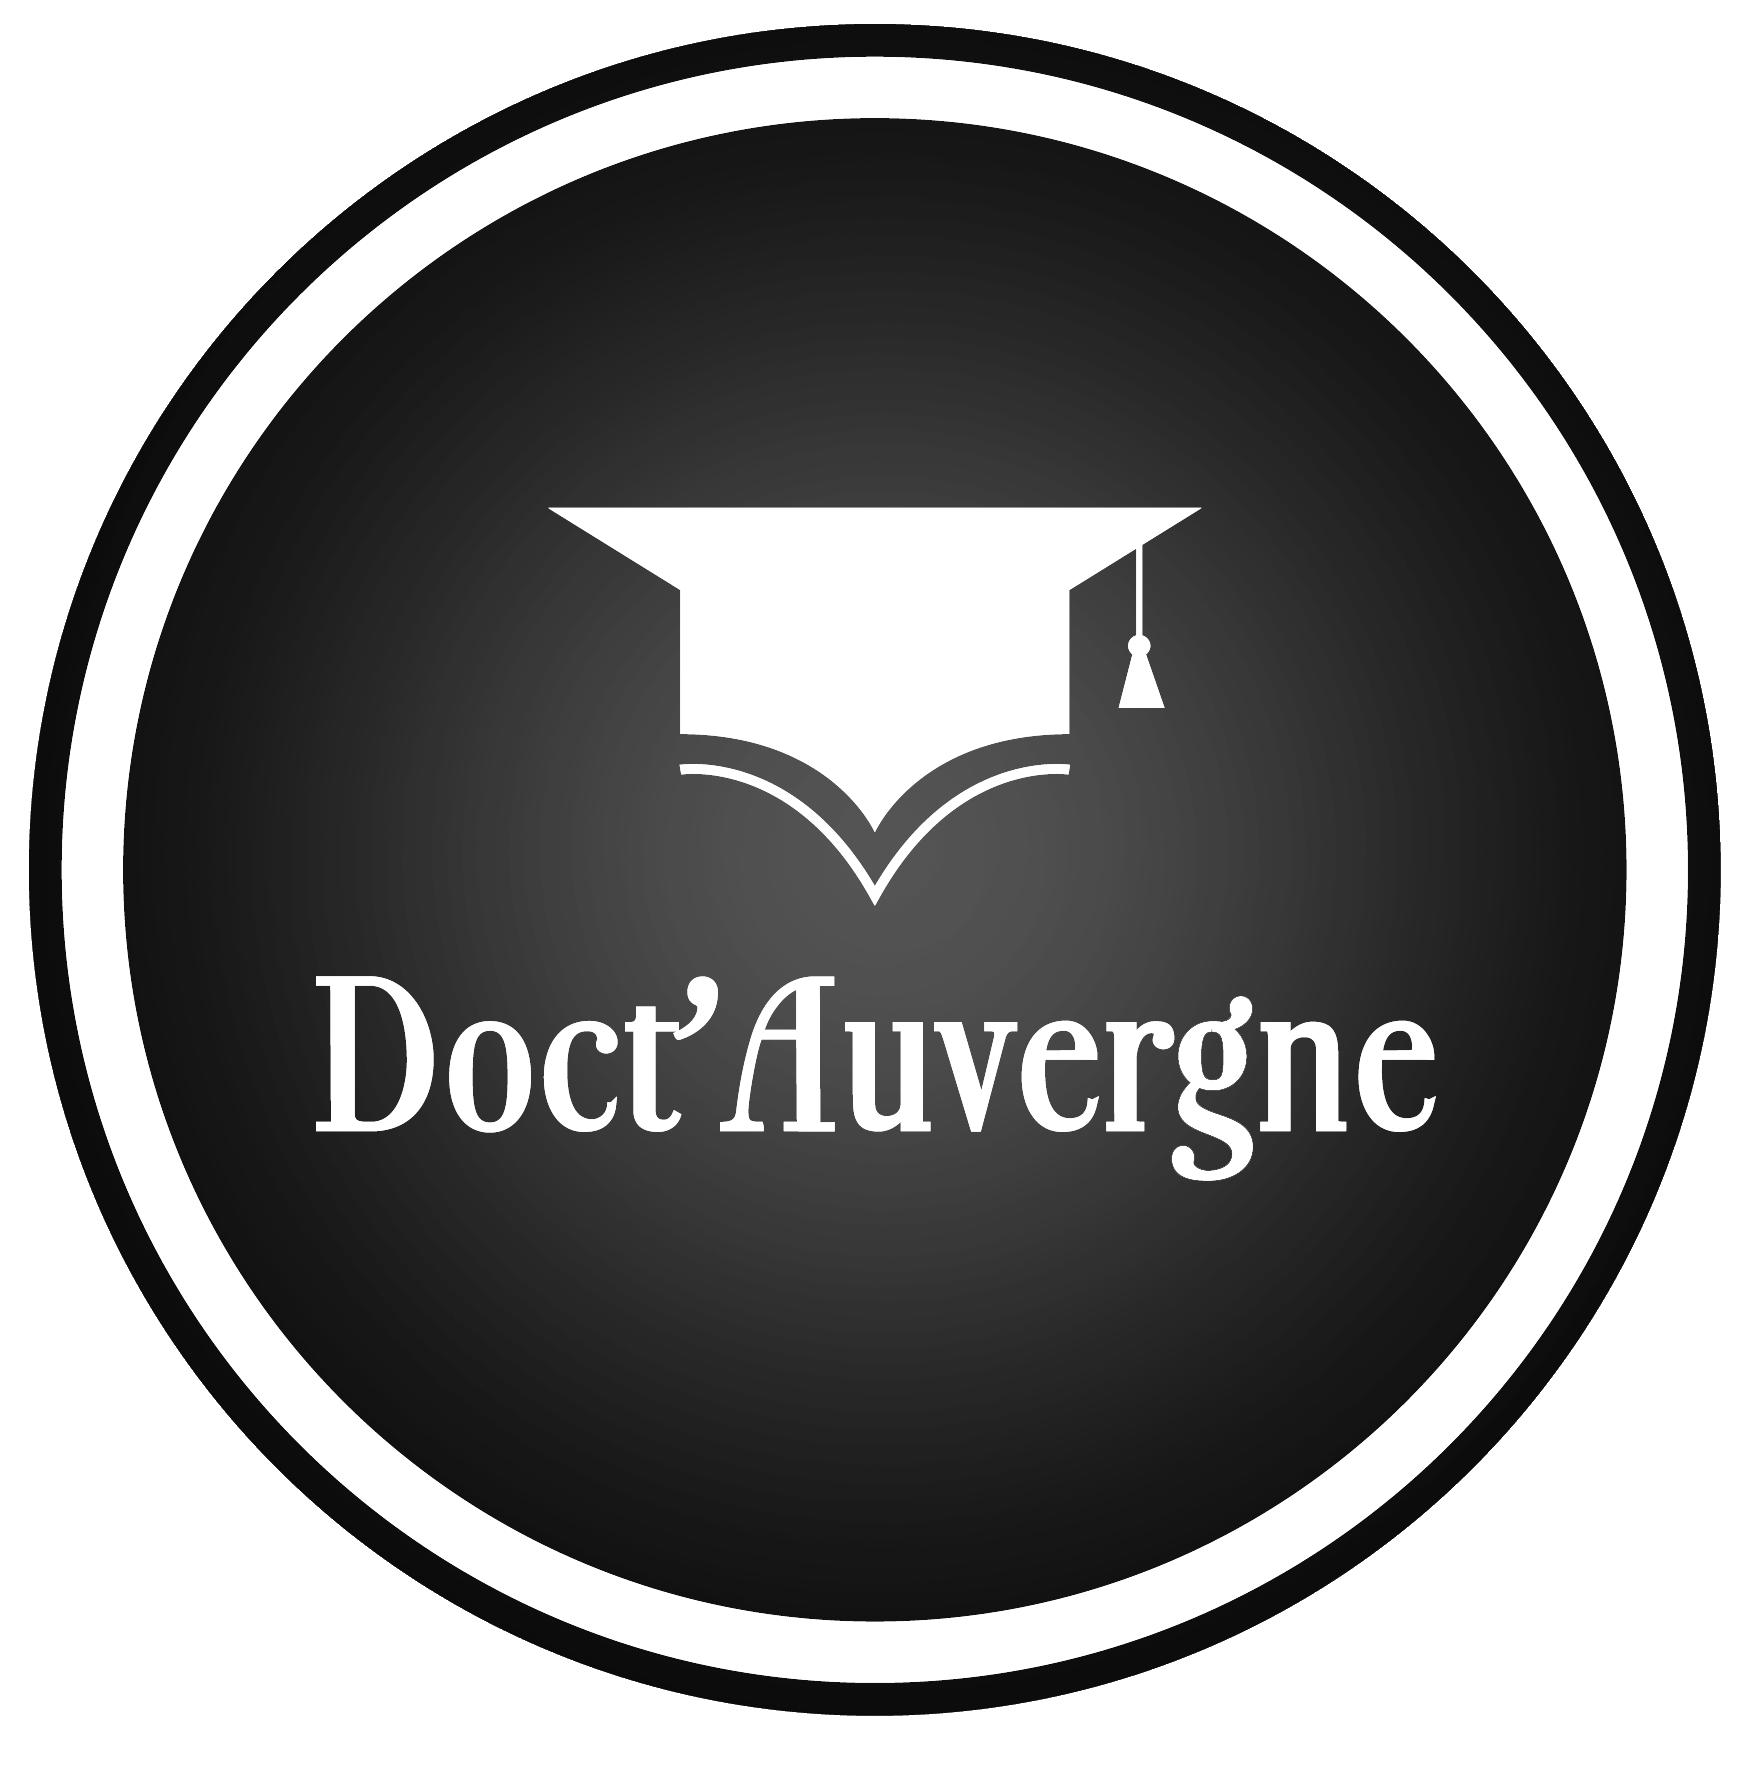 Doct'Auvergne